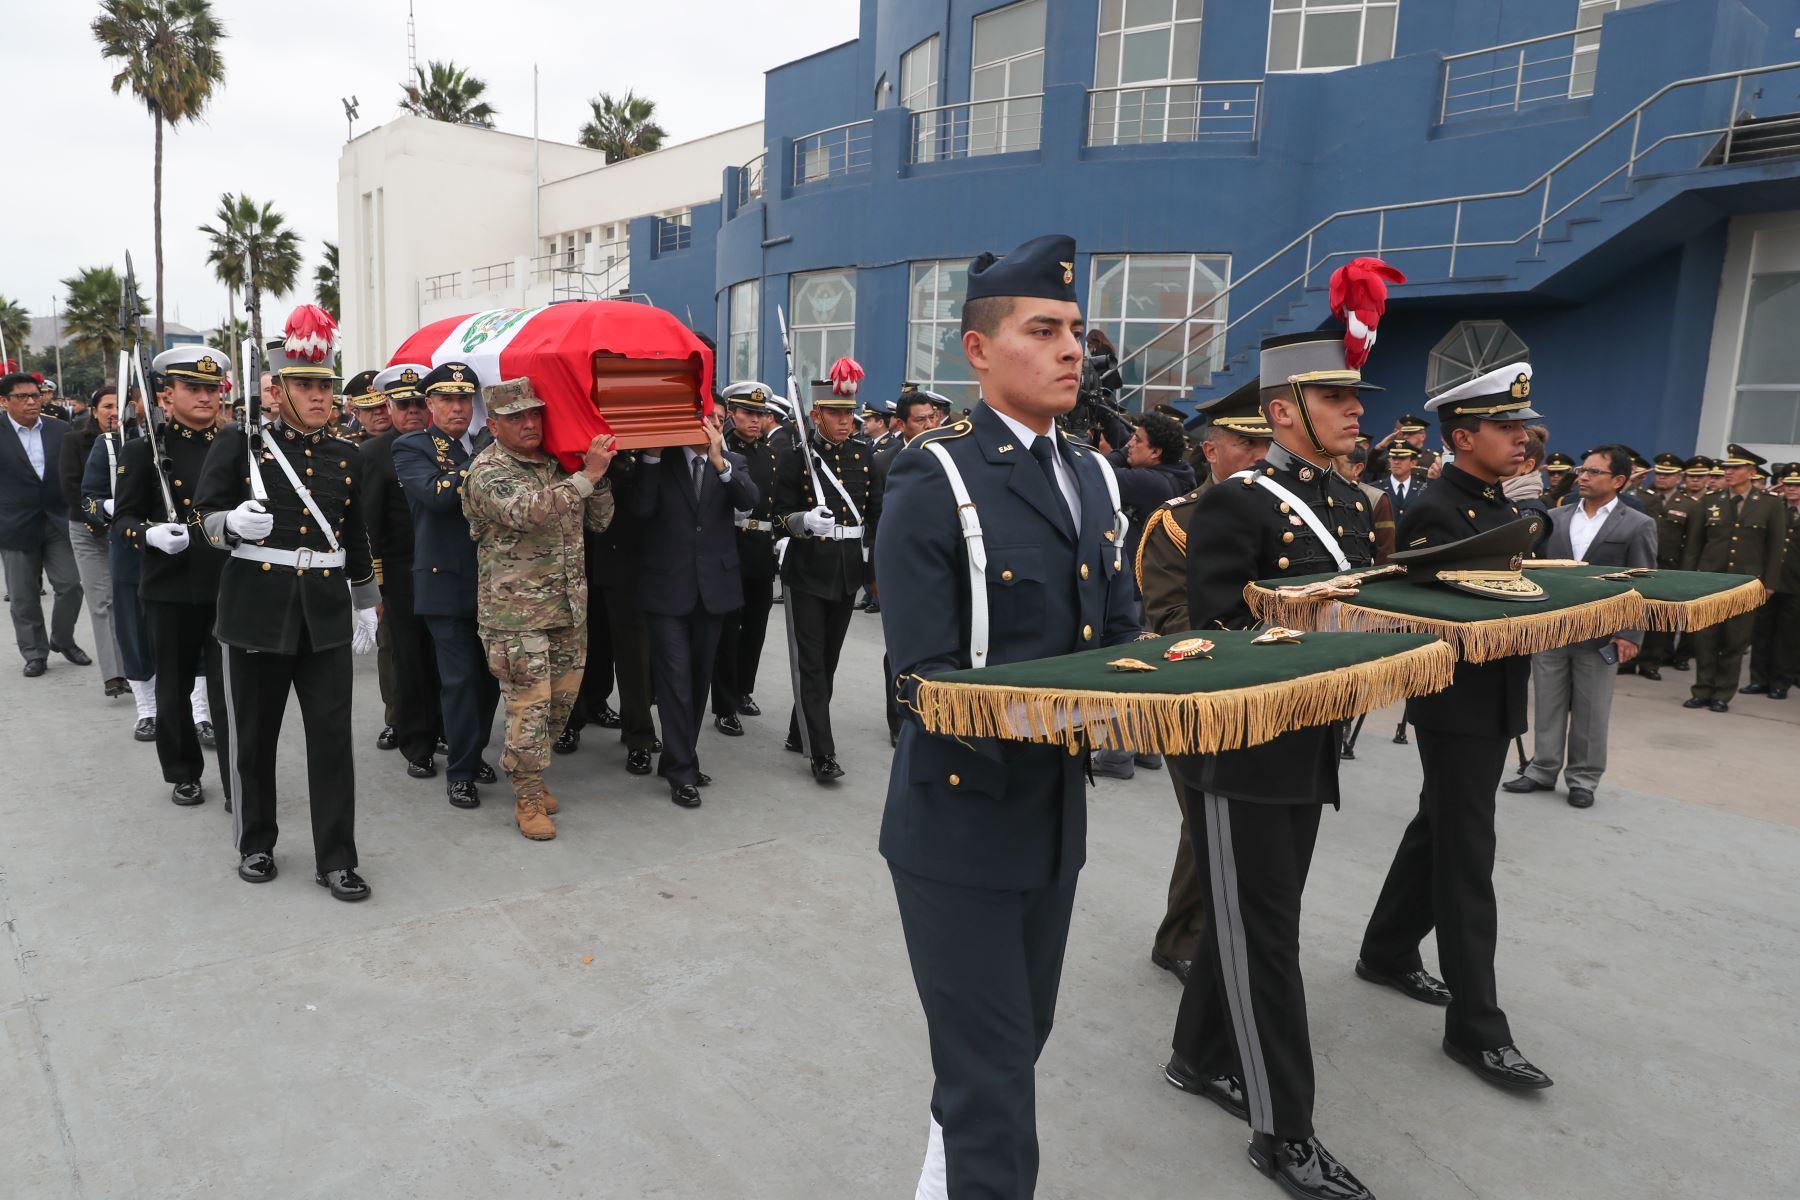 El fallecido ministro de Defensa, José Huerta, recibió honores fúnebres a su llegada a la Base Aérea de Las Palmas, en el distrito de Surco.Foto.ANDINA/MINDEF